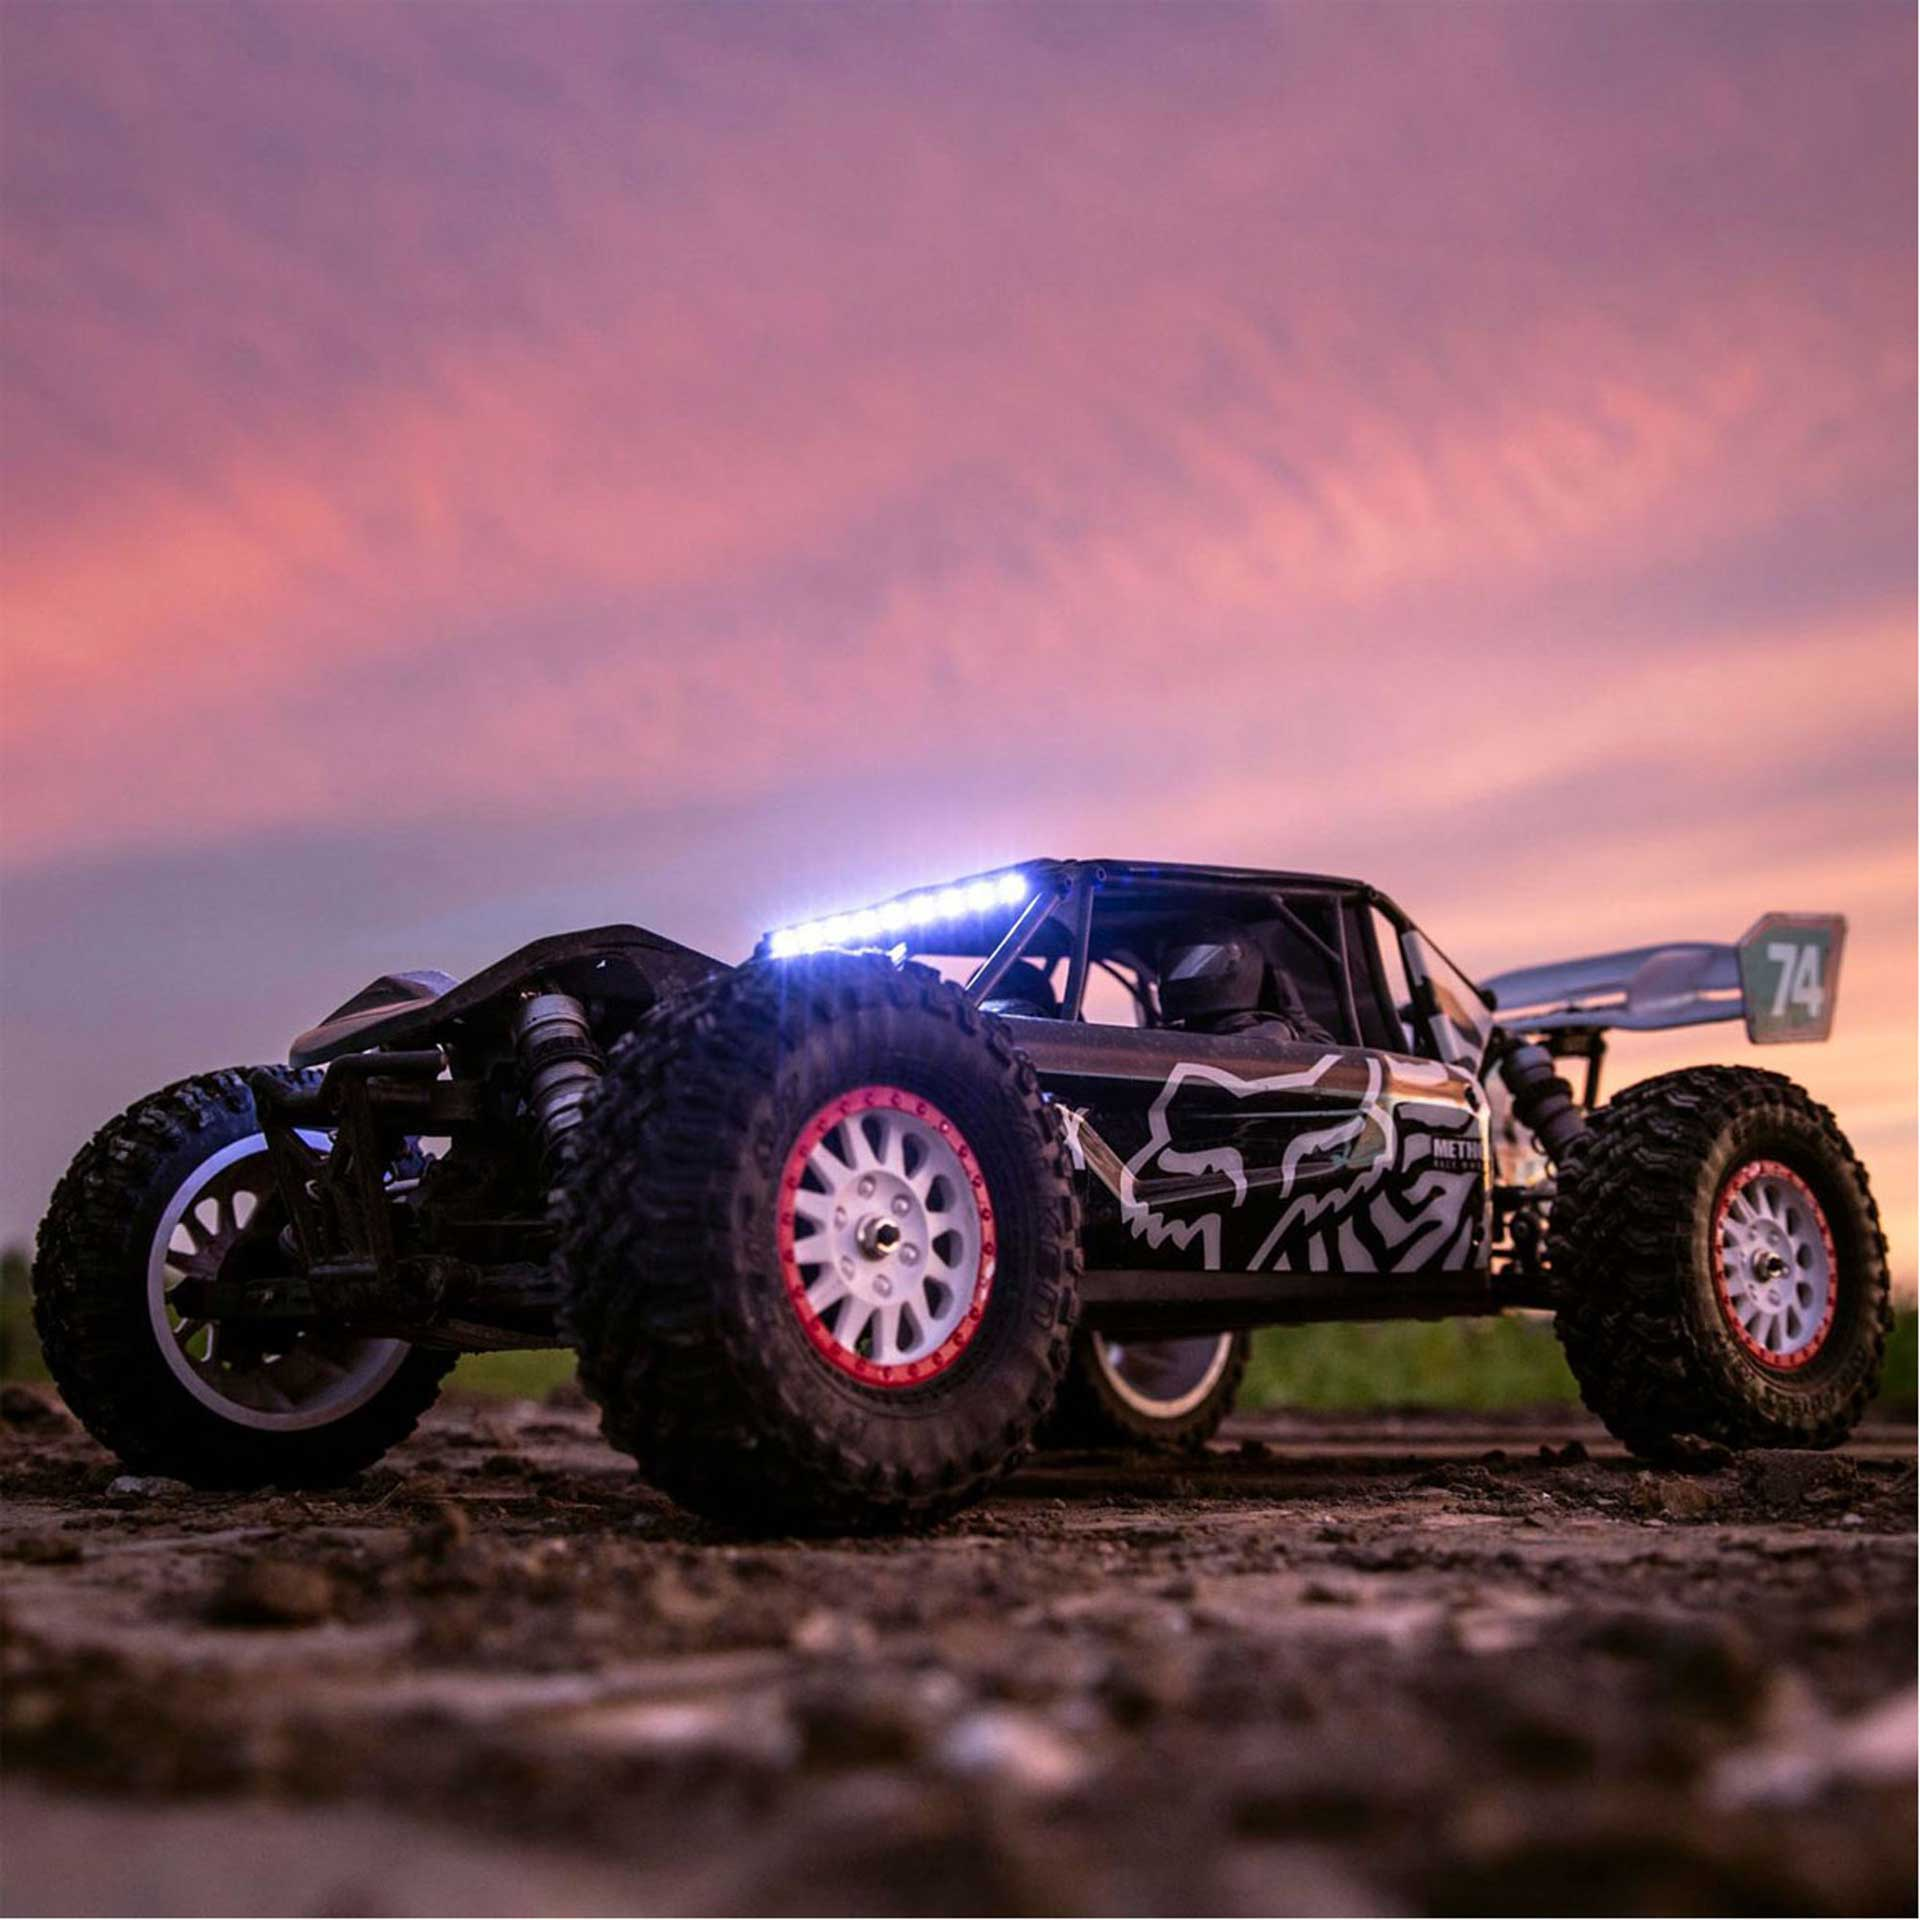 LOSI TENACITY DB PRO SMART 4WD DESERT BUGGY RTR 1/10 BRUSHLESS FOX RACING